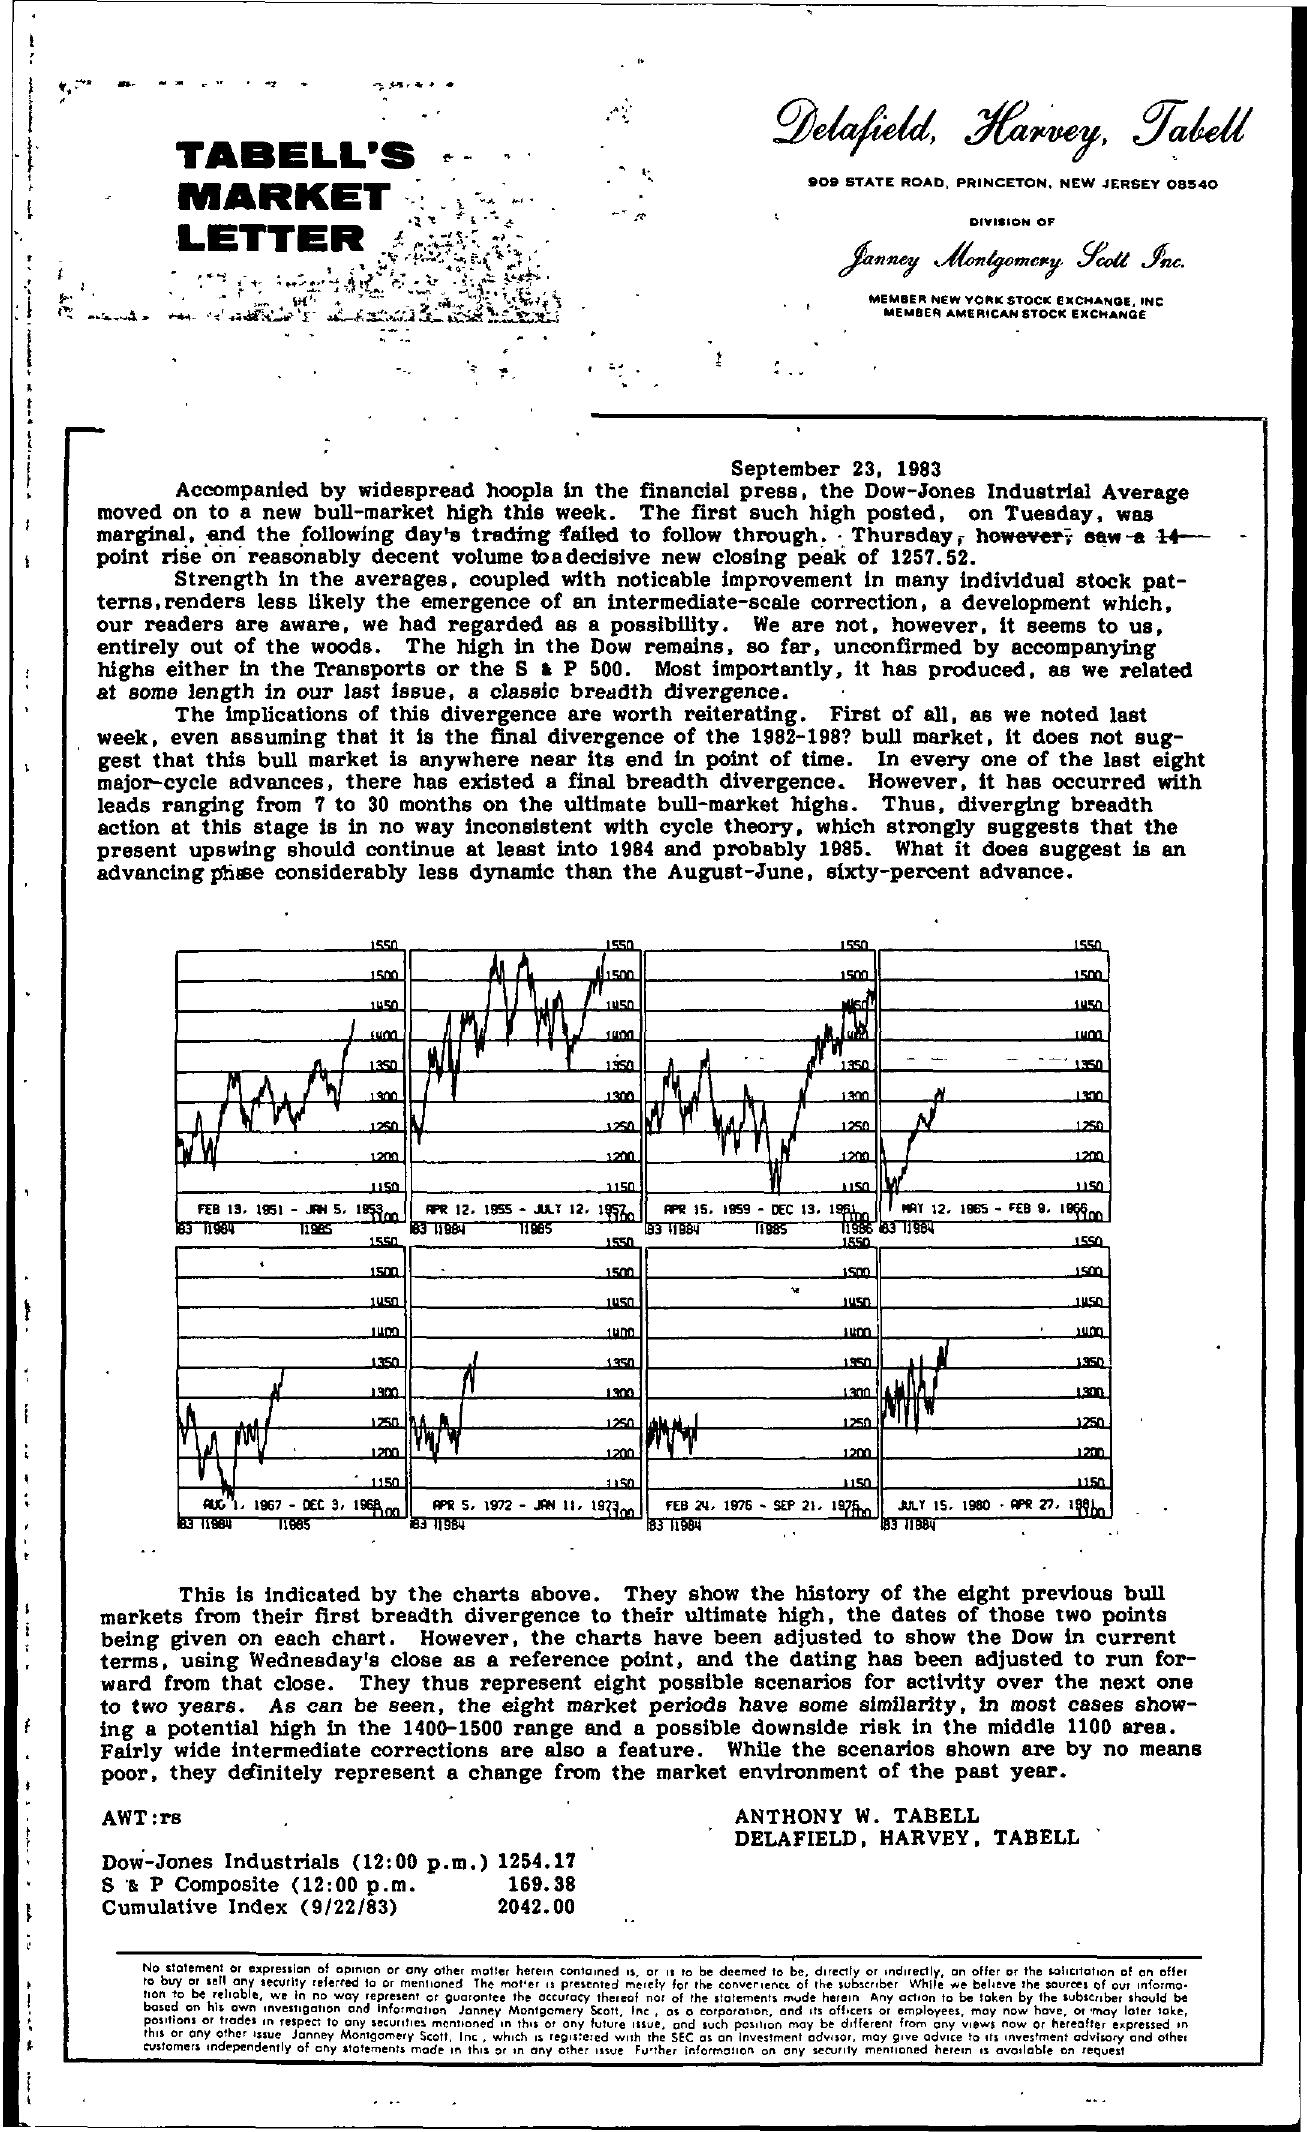 Tabell's Market Letter - September 23, 1983